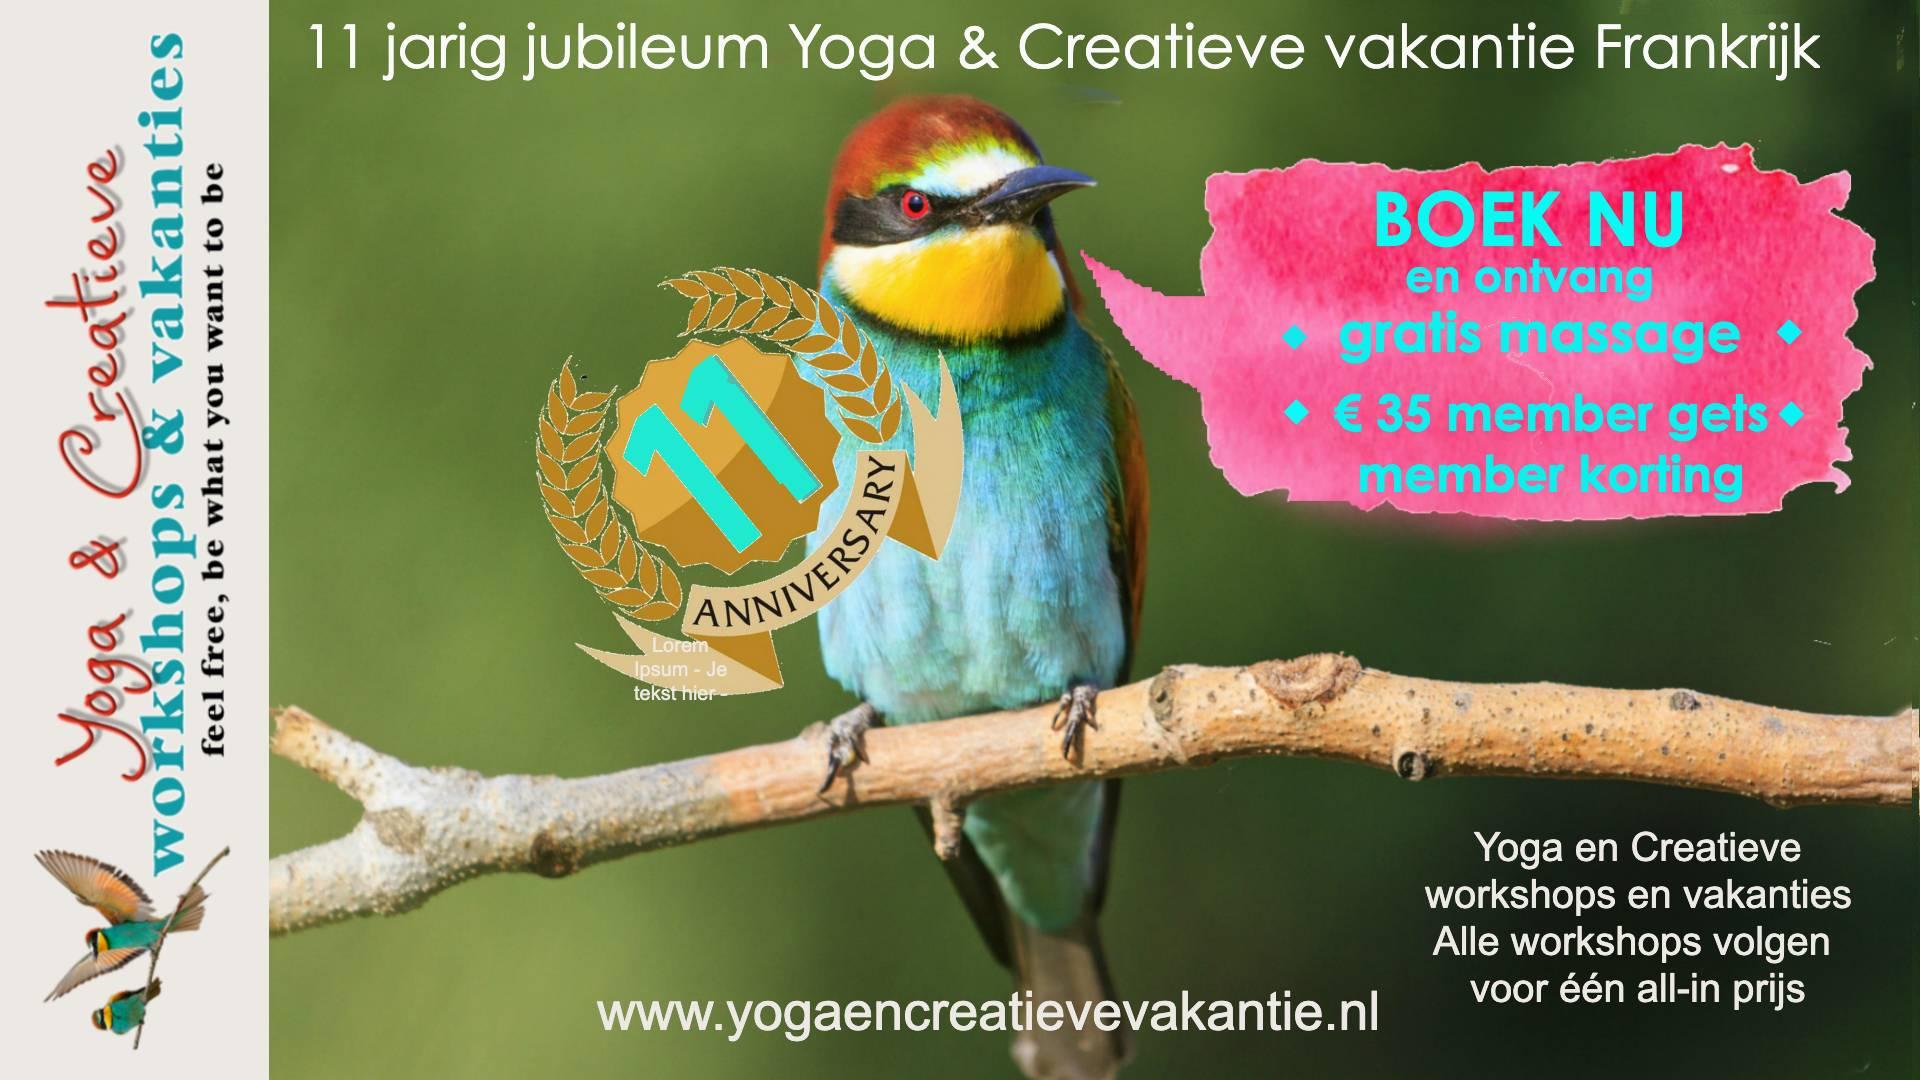 yoga en creatieve vakantie